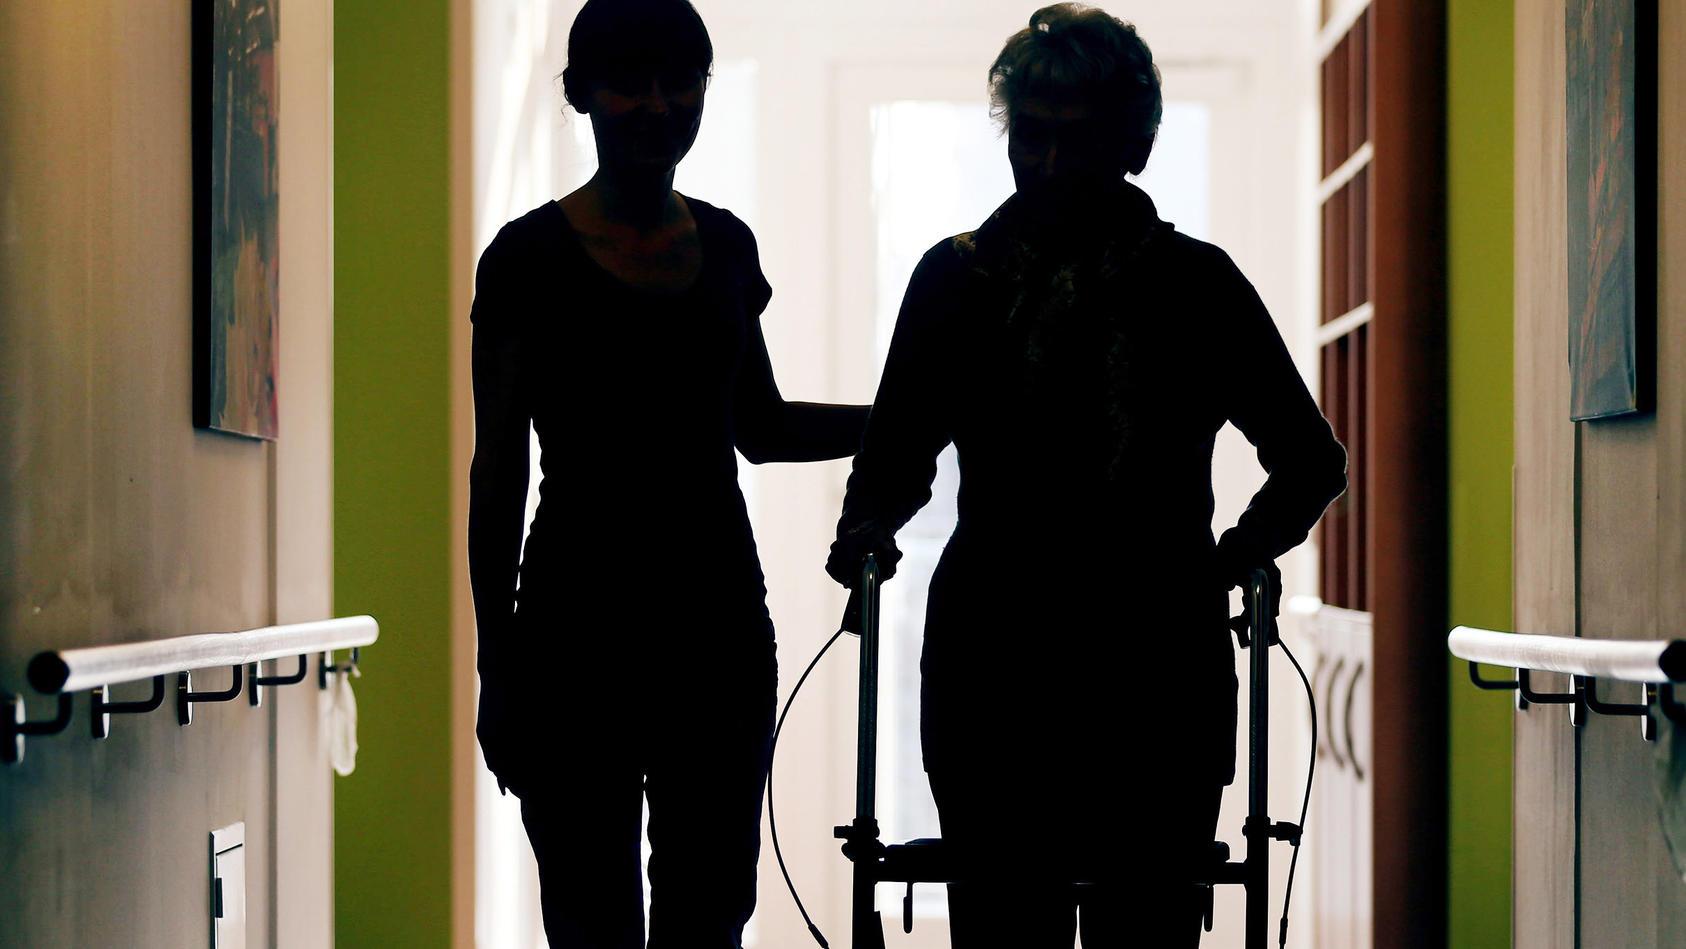 Auch für die Altenpflege gibt es mehr Interessierte dank der neuen Ausbildungsform.